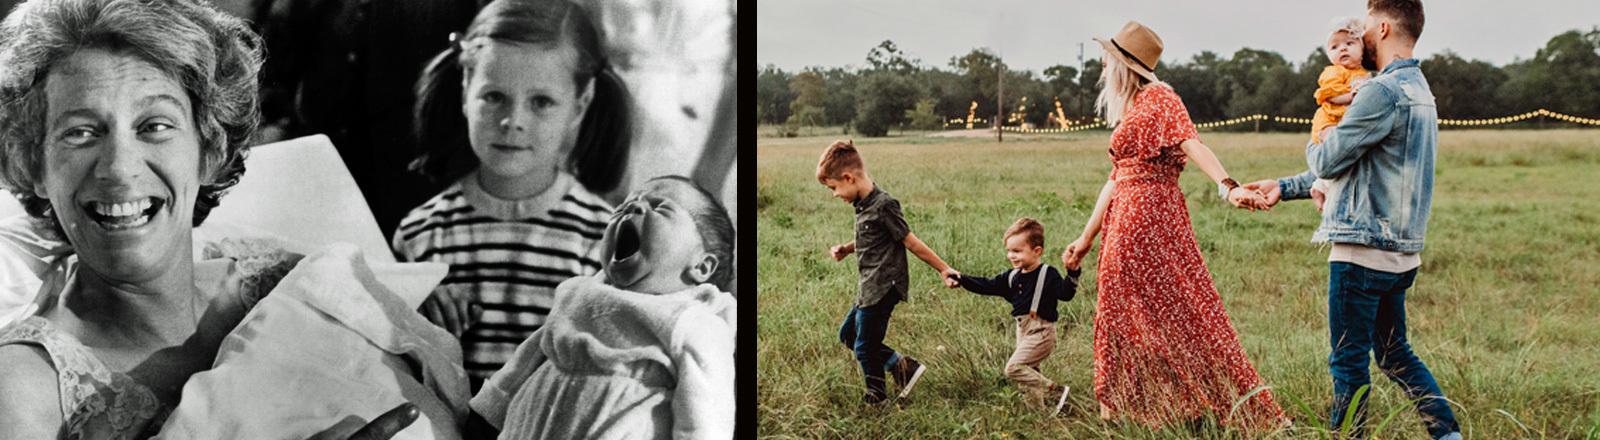 Glückliche Familien 1950 und heute.